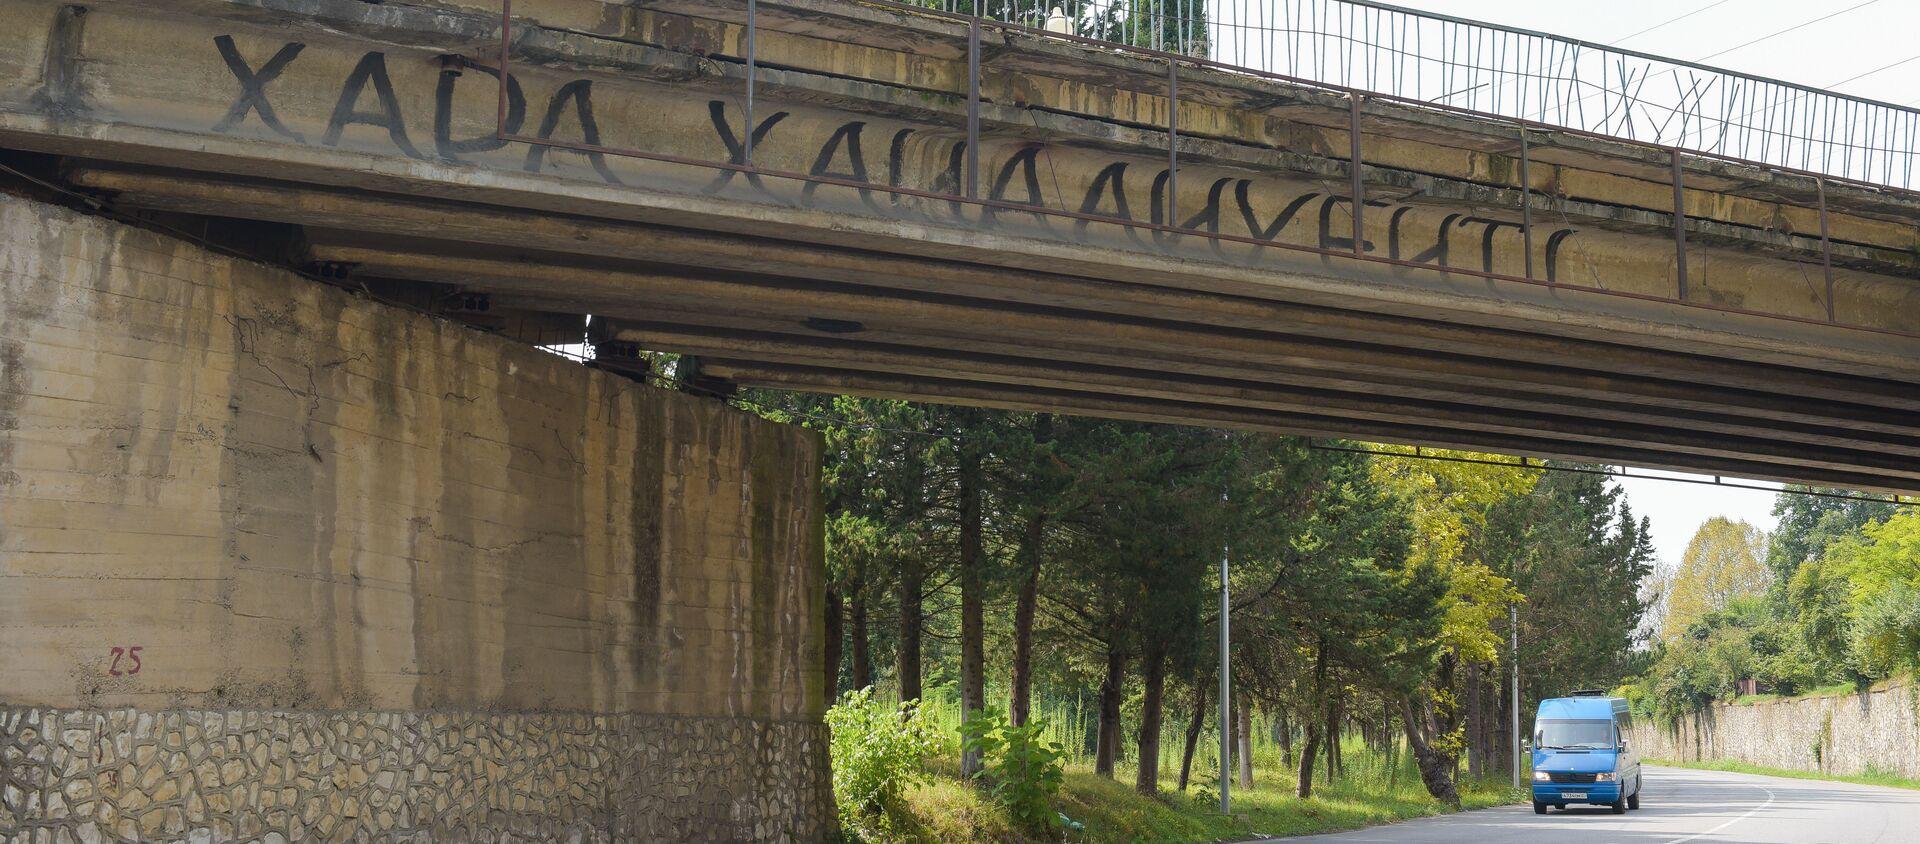 Надписи времен ОВНА 1992-1993 гг. на мостах в Гудауте. - Sputnik Аҧсны, 1920, 30.09.2020